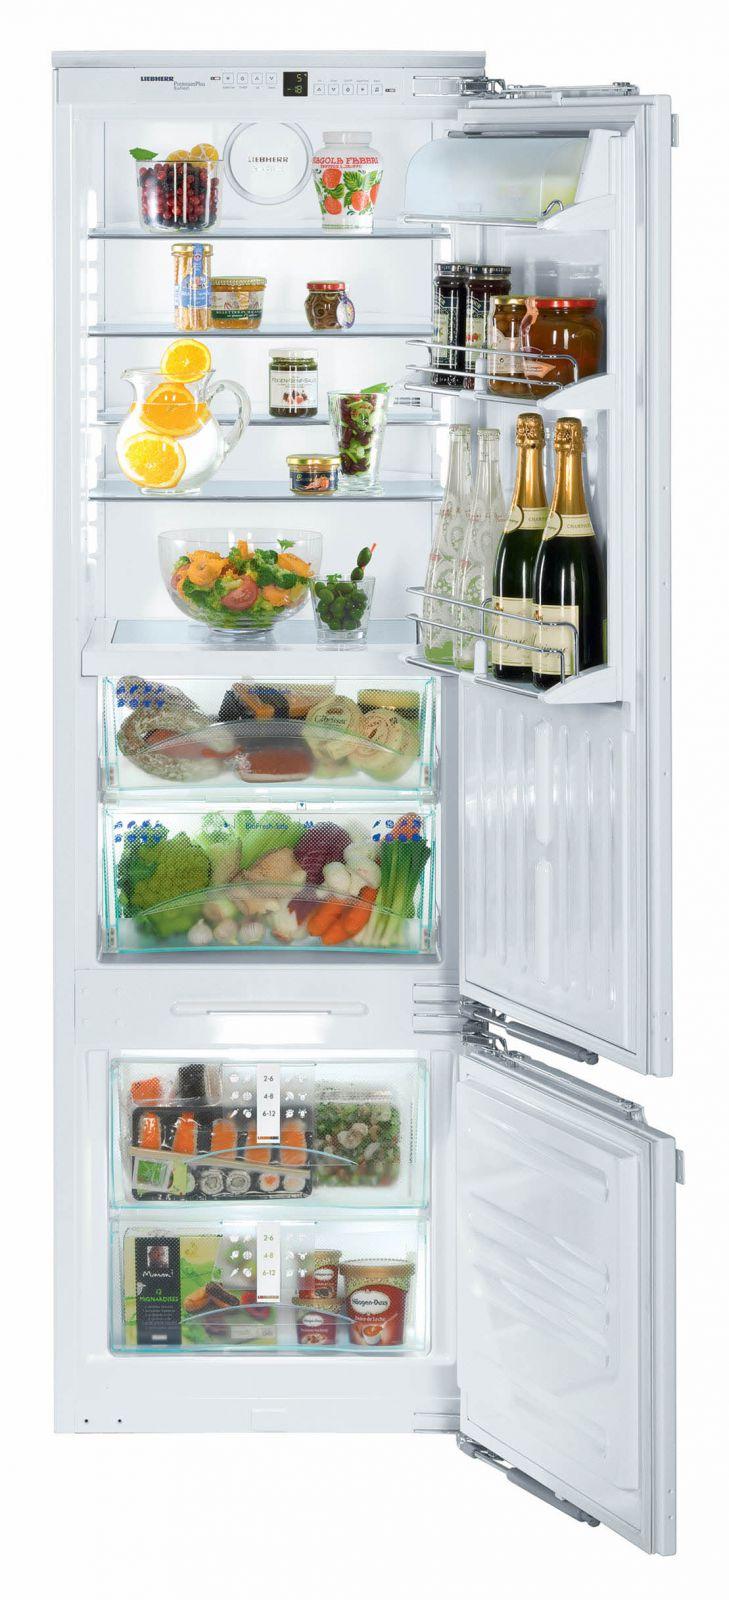 купить Встраиваемый комбинированный двухкамерный холодильник Liebherr ICB 3166 Украина фото 0